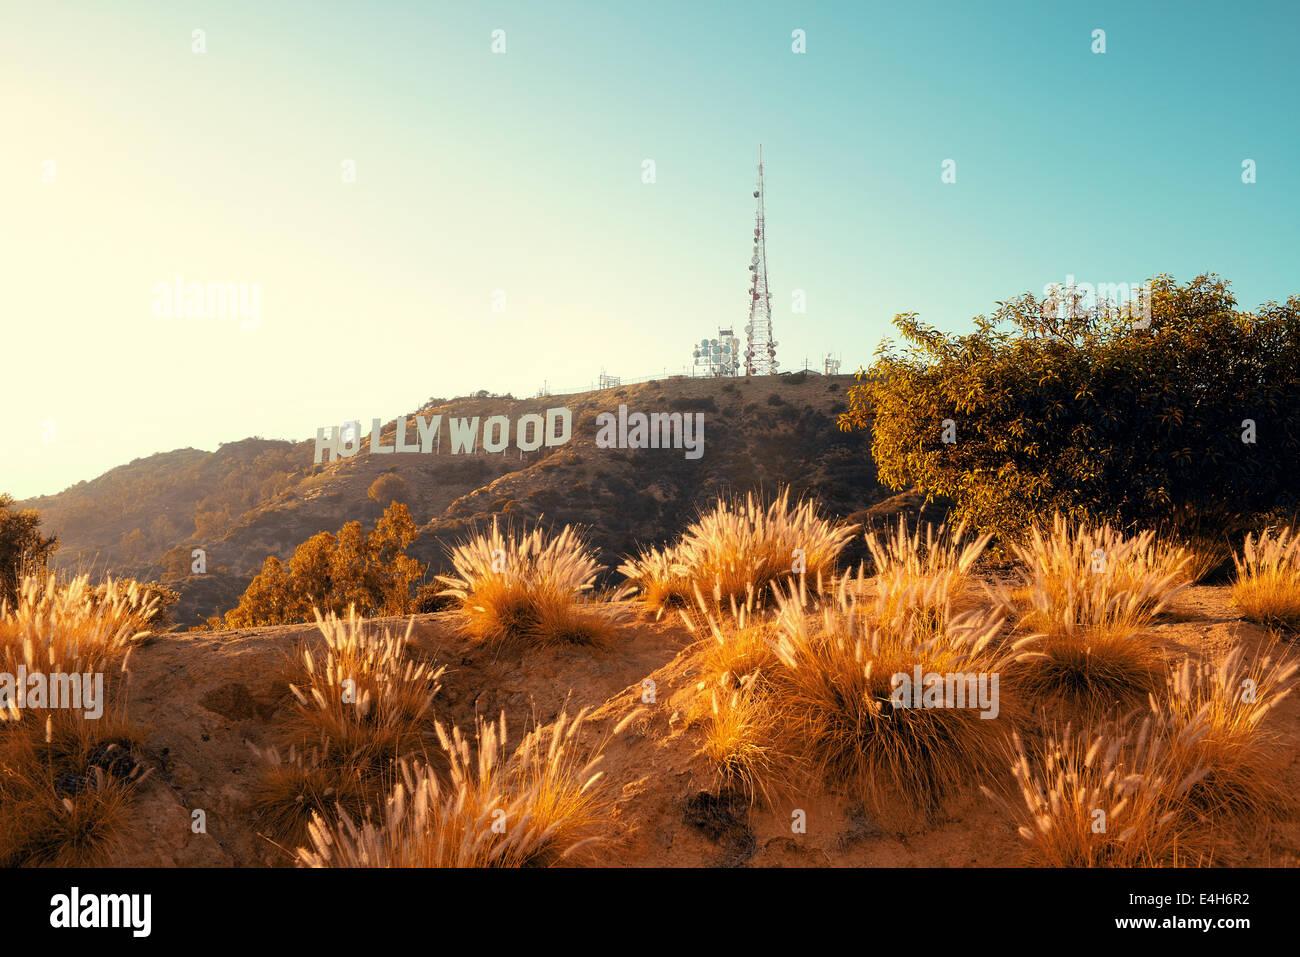 Los Angeles, CA - 18 de mayo: cartel de Hollywood en la montaña el 18 de mayo de 2014 en Los Ángeles. Imagen De Stock